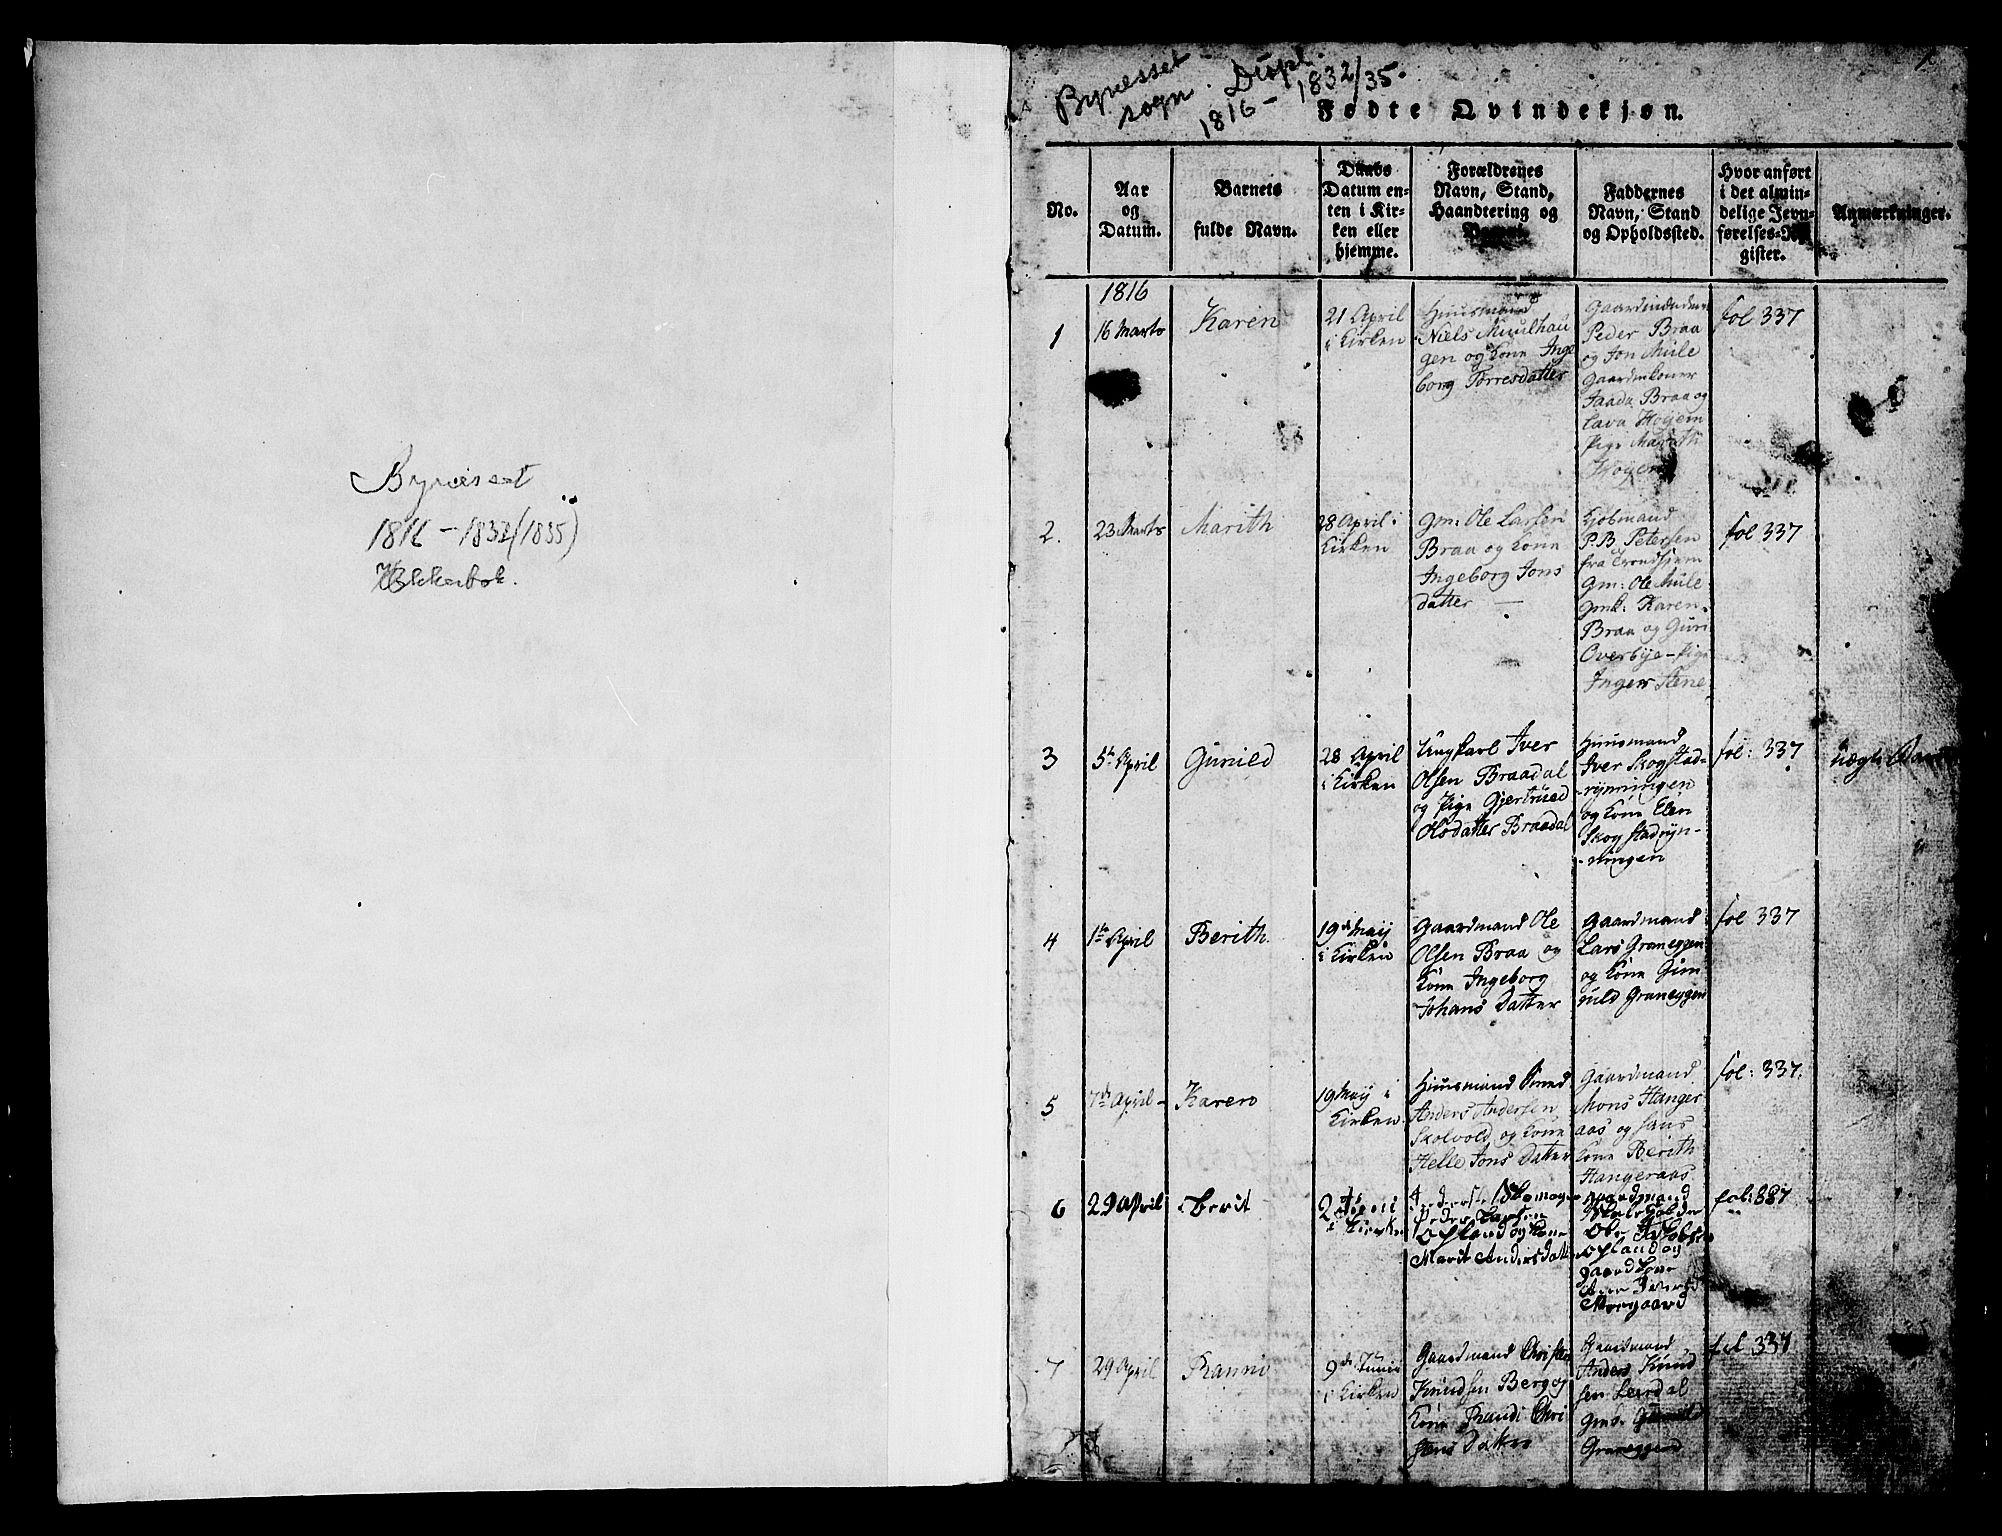 SAT, Ministerialprotokoller, klokkerbøker og fødselsregistre - Sør-Trøndelag, 612/L0385: Klokkerbok nr. 612C01, 1816-1845, s. 1